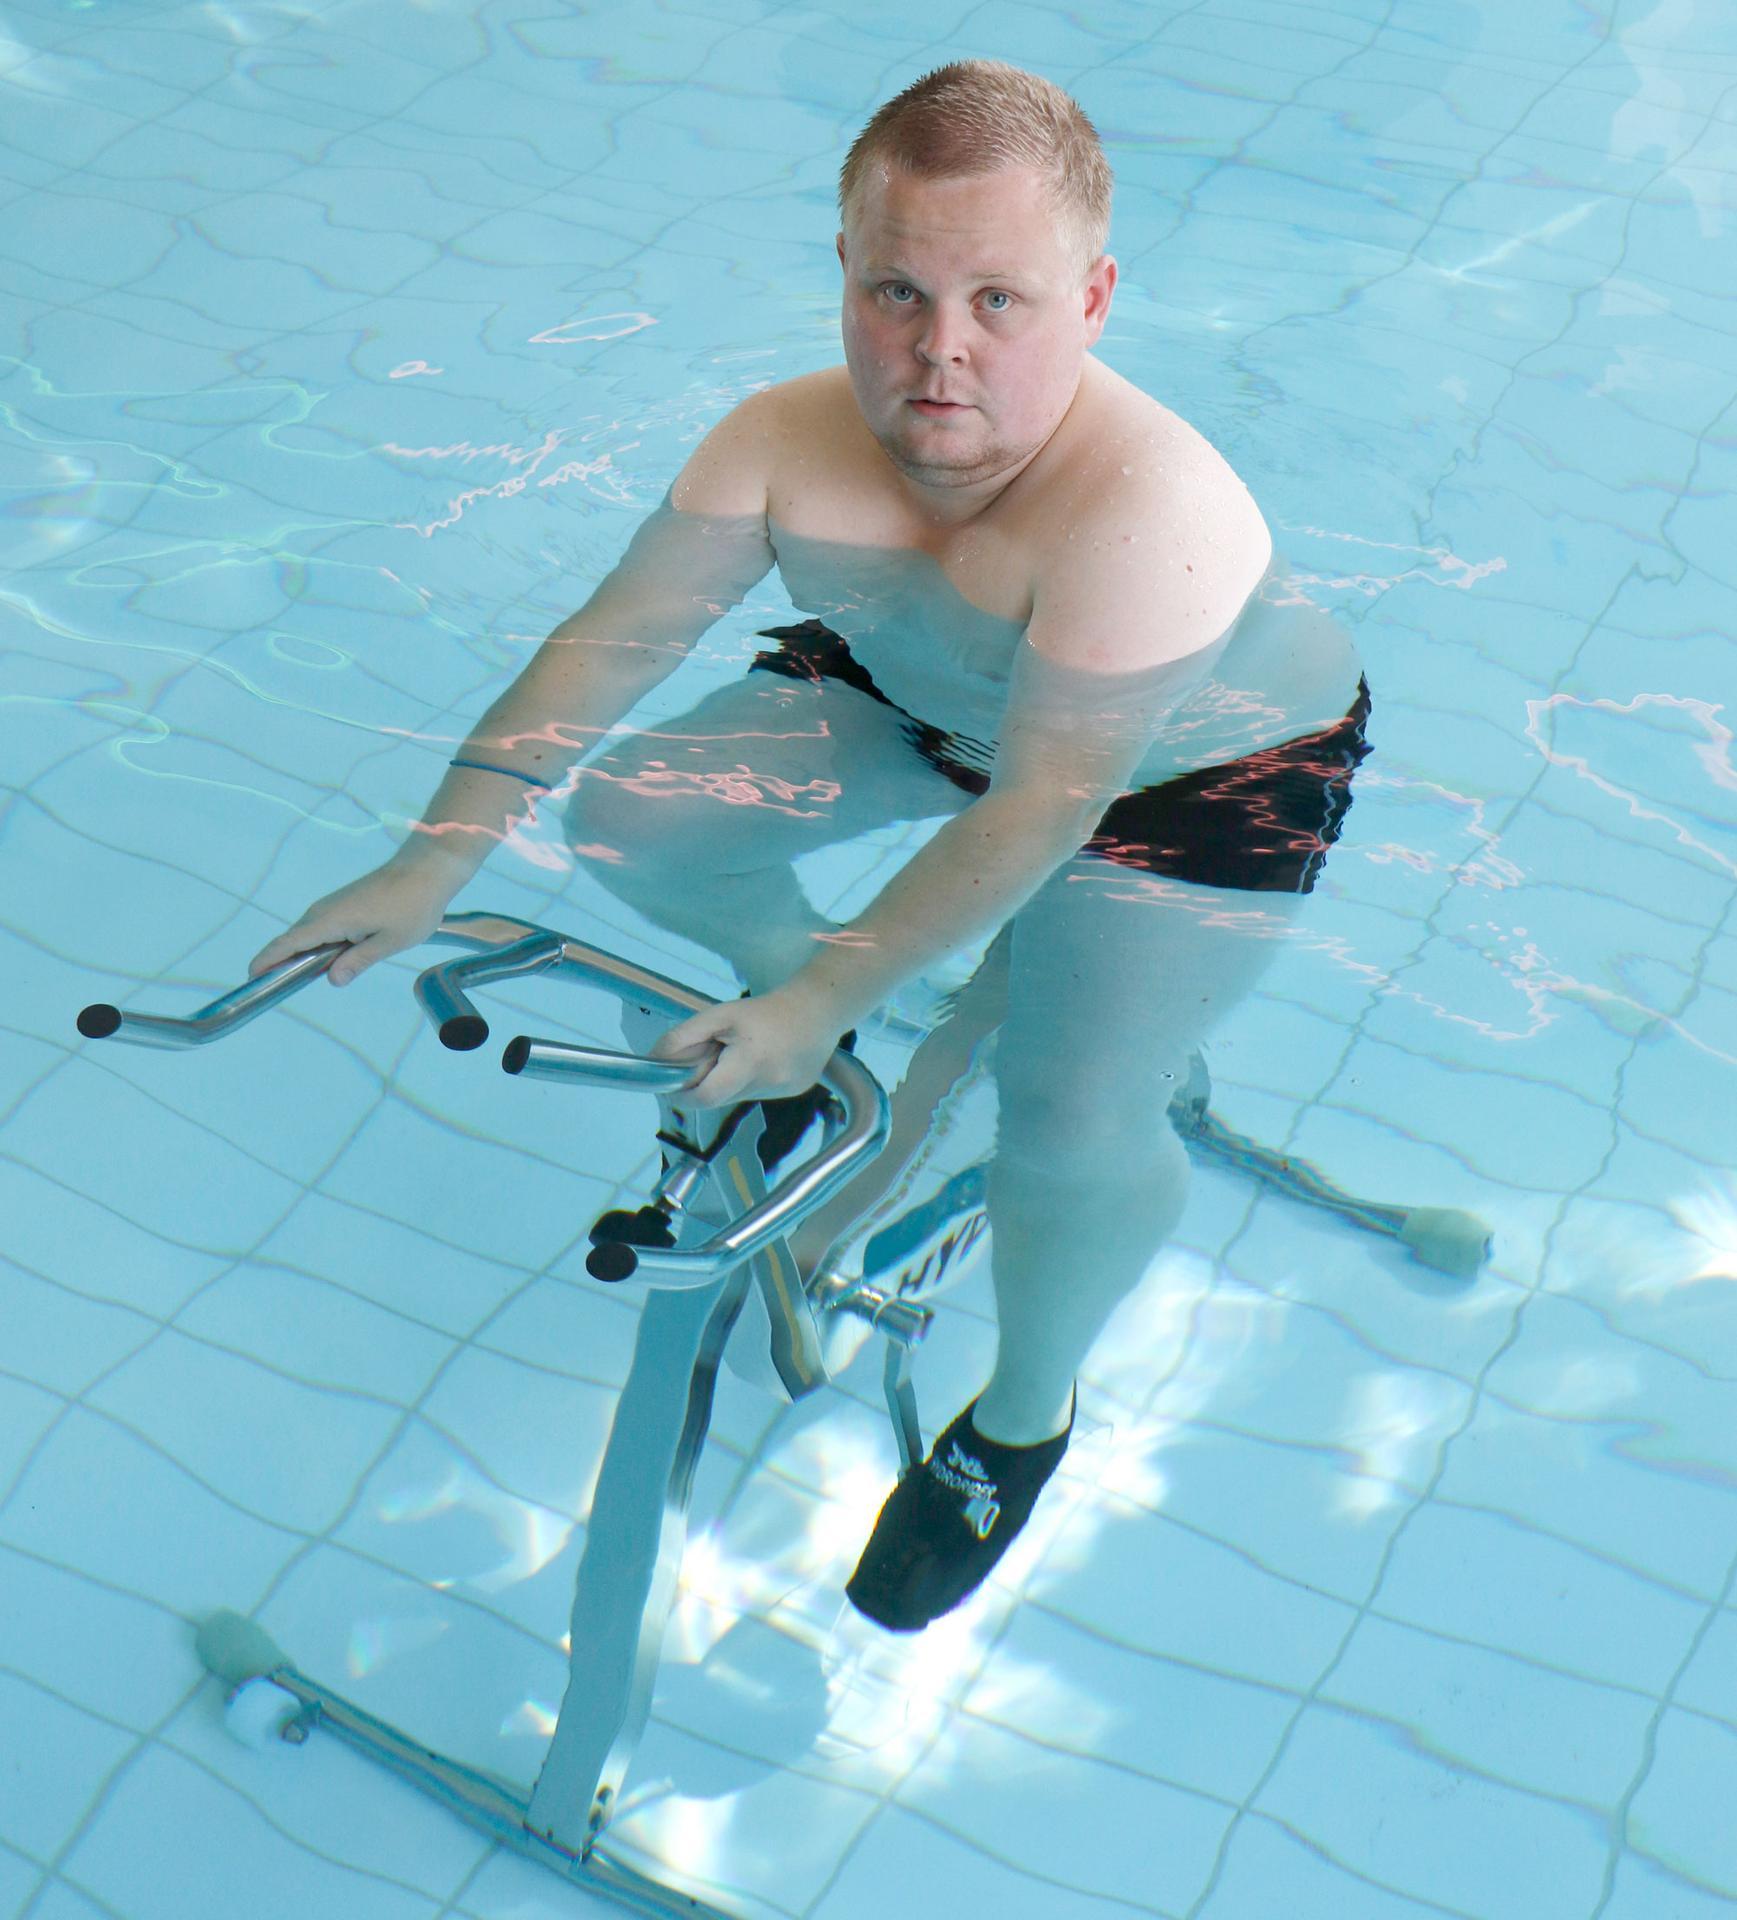 Lassi Jokinen liikkuu mielellään ja monipuolisesti. Pari viikkoa sitten hän kävi testaamassa hydrospinningiä Kangasalan uimahallissa.